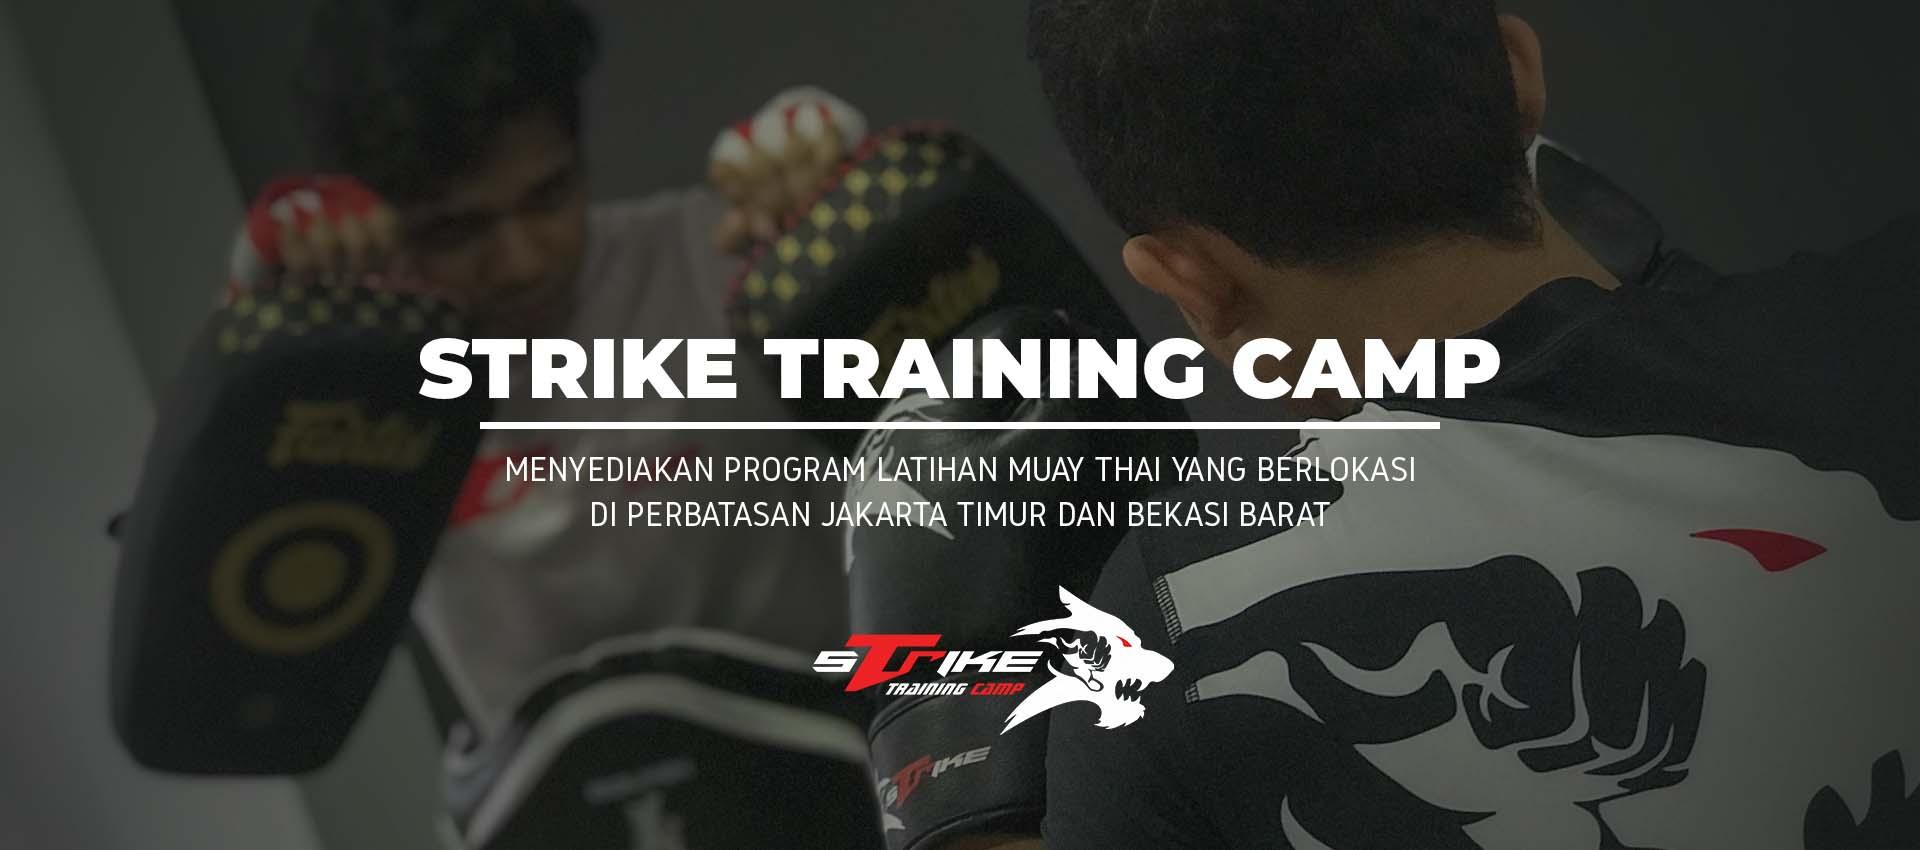 Kursus Muay Thai Jakarta Bekasi